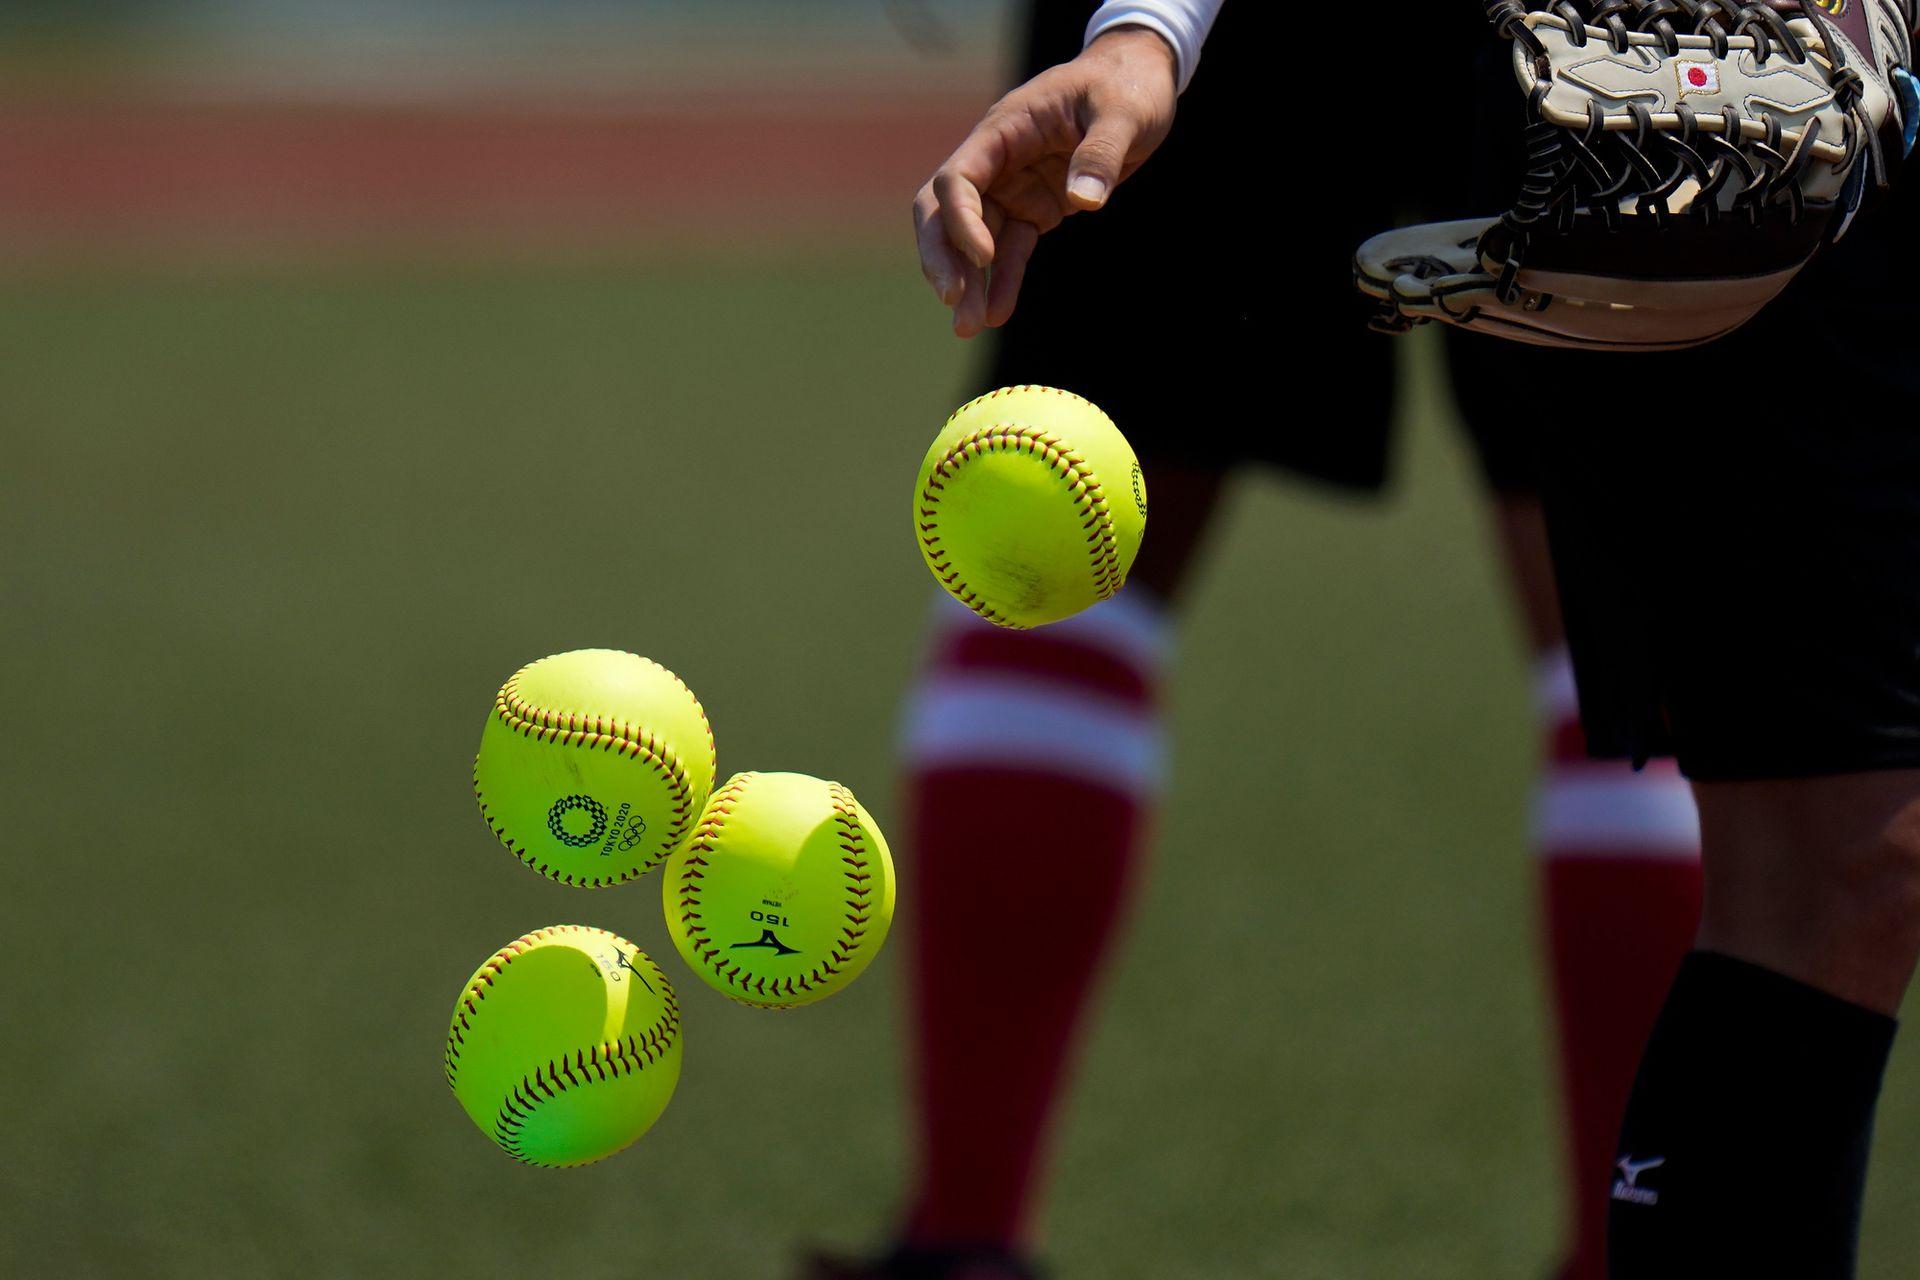 Una jugadora japonesa de softball tira pelotas dentro de una canasta durante una práctica en el estadio Azuma de Baseball.